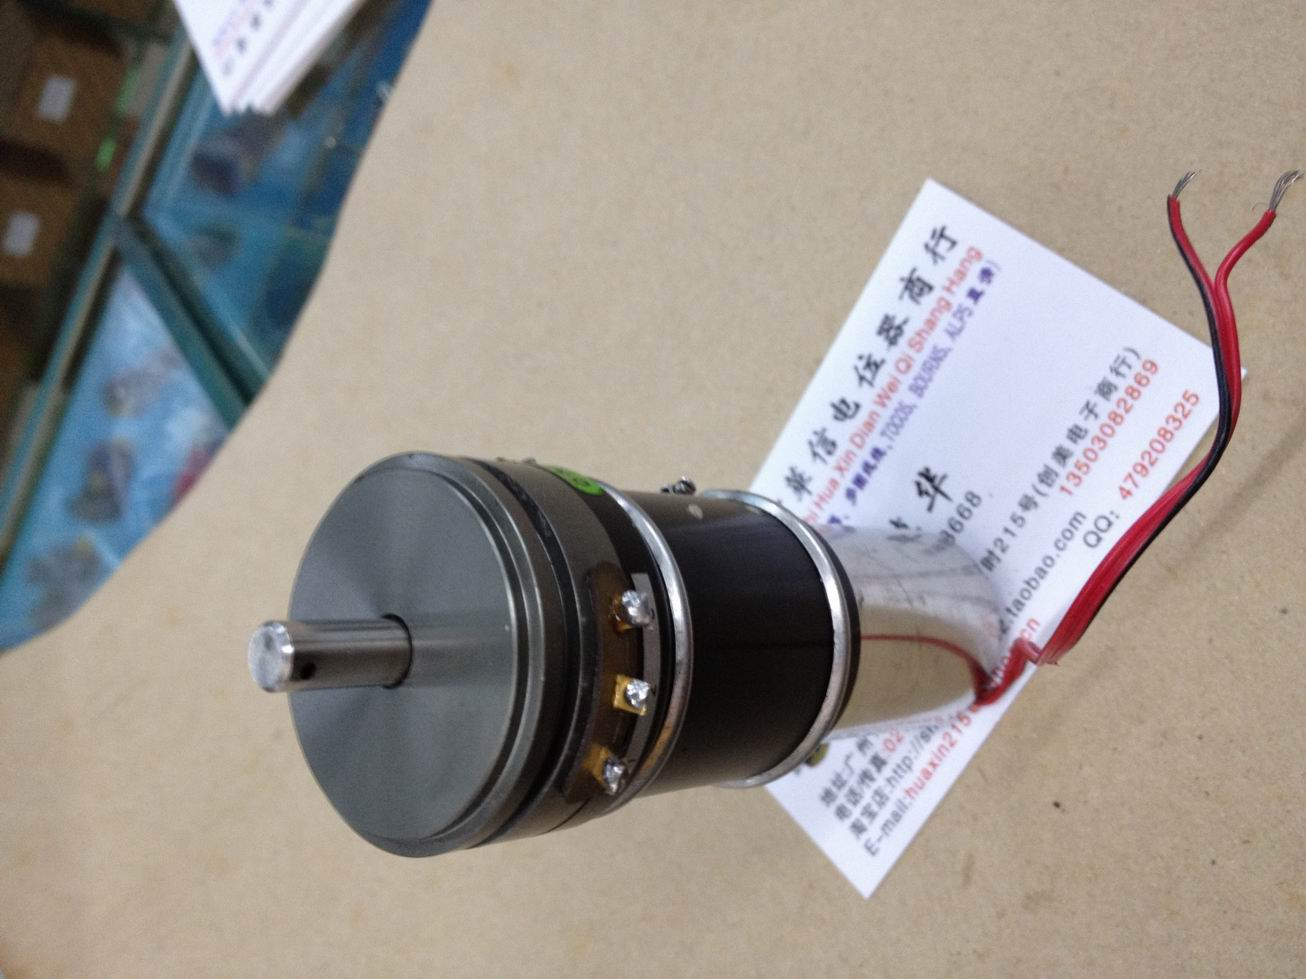 [VK] se utiliza importado motor potenciómetro plástico 2 K motor 12 V interruptor - 4